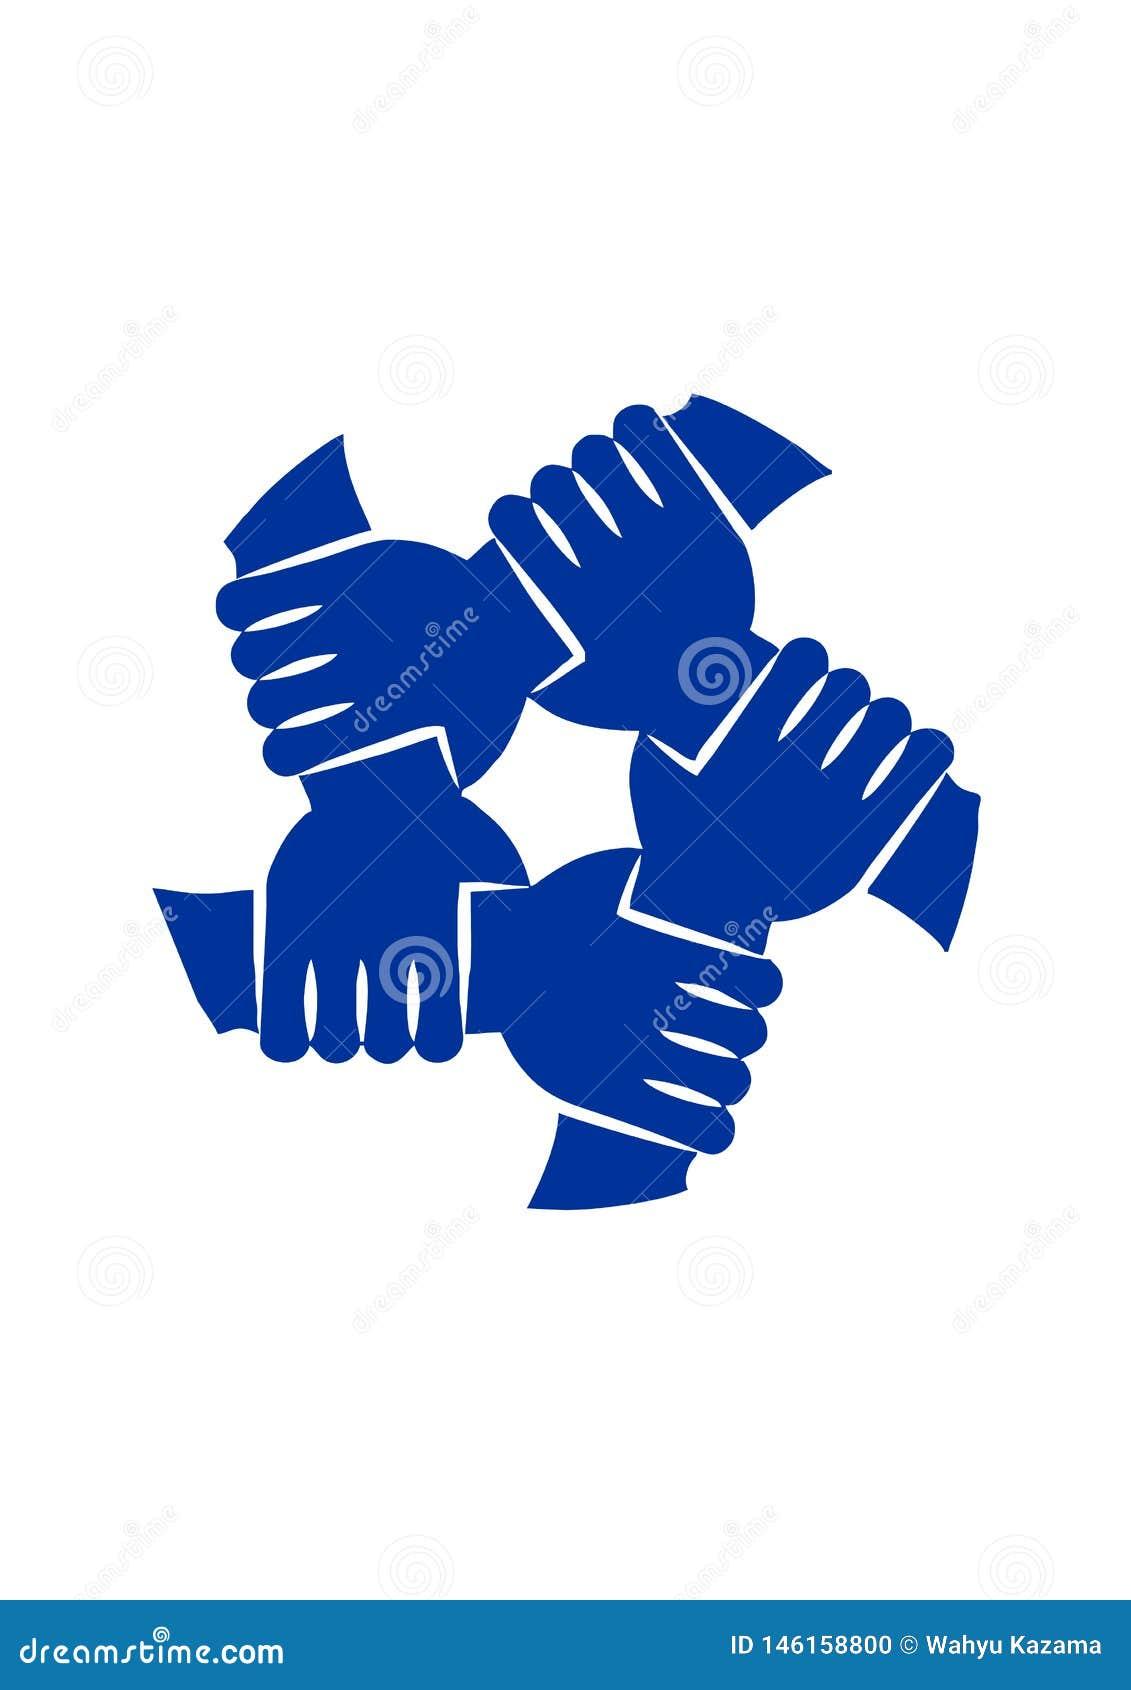 Solidarietà unita delle mani isolata nel vettore bianco di ilustration del fondo